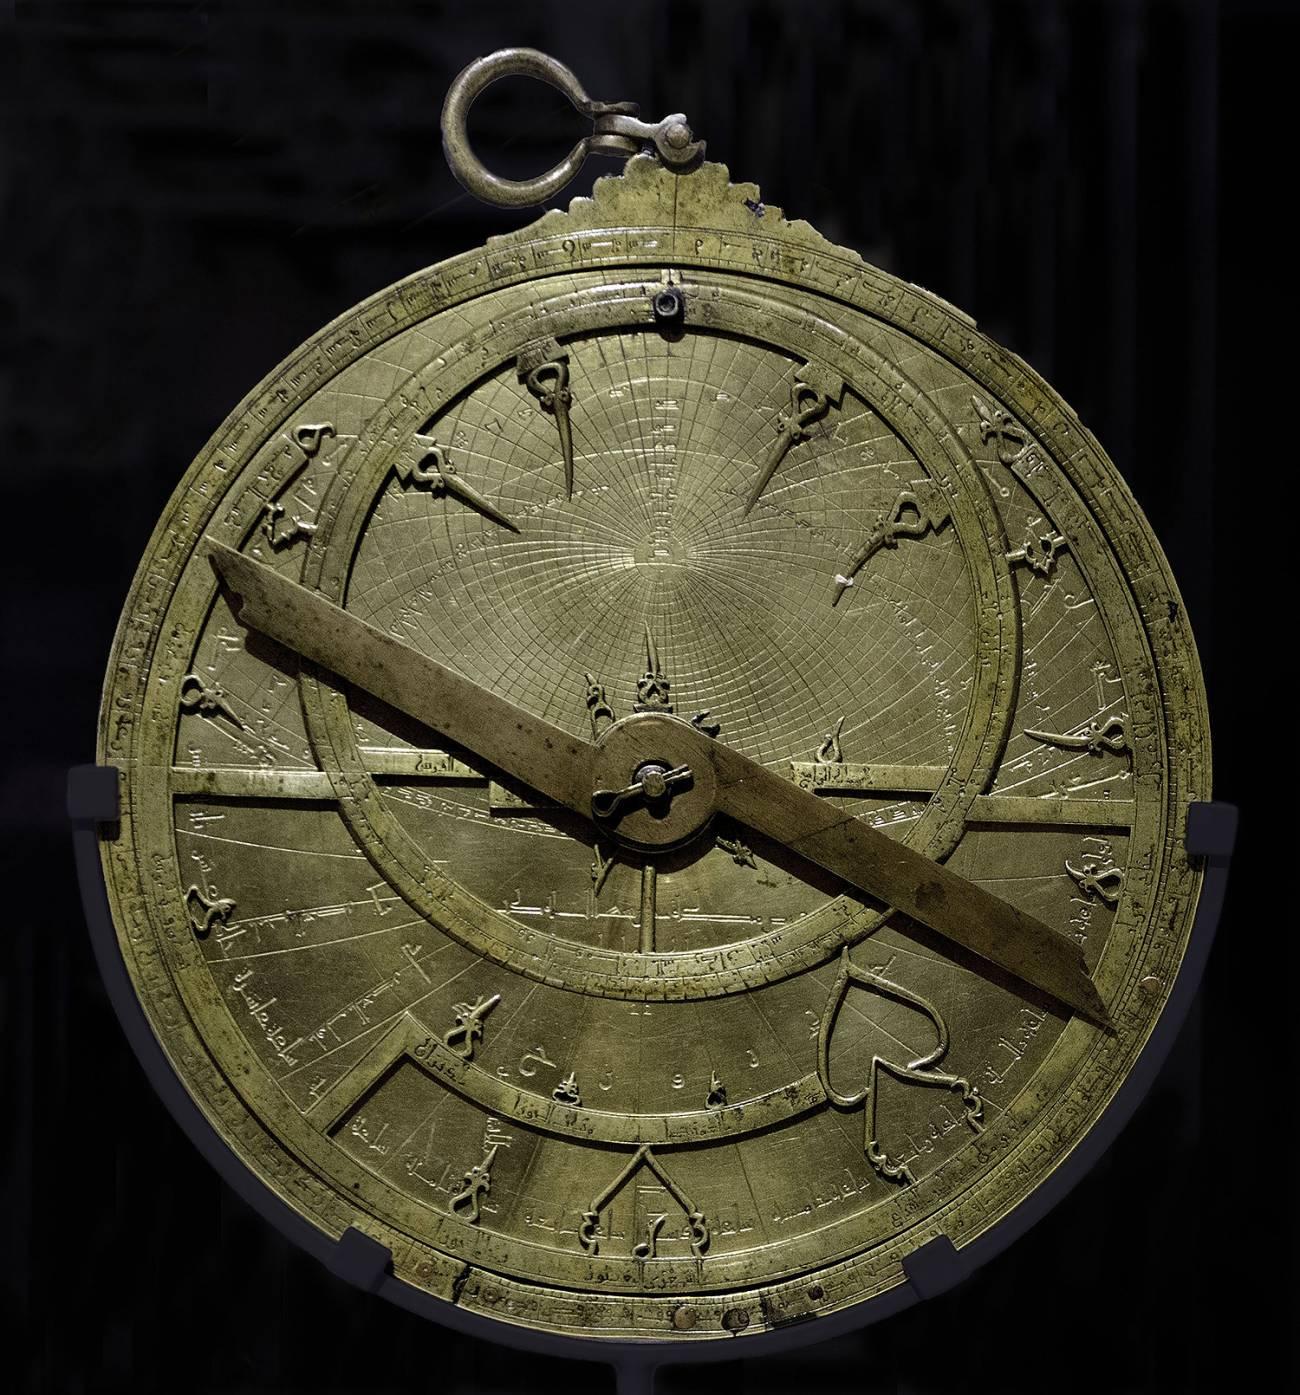 Astrolabio MAN AngelMFelicisimo - Hace un siglo apareció el nombre de Fátima de Madrid en la enciclopedia Espasa Calpe. Hoy su leyenda se extiende por internet